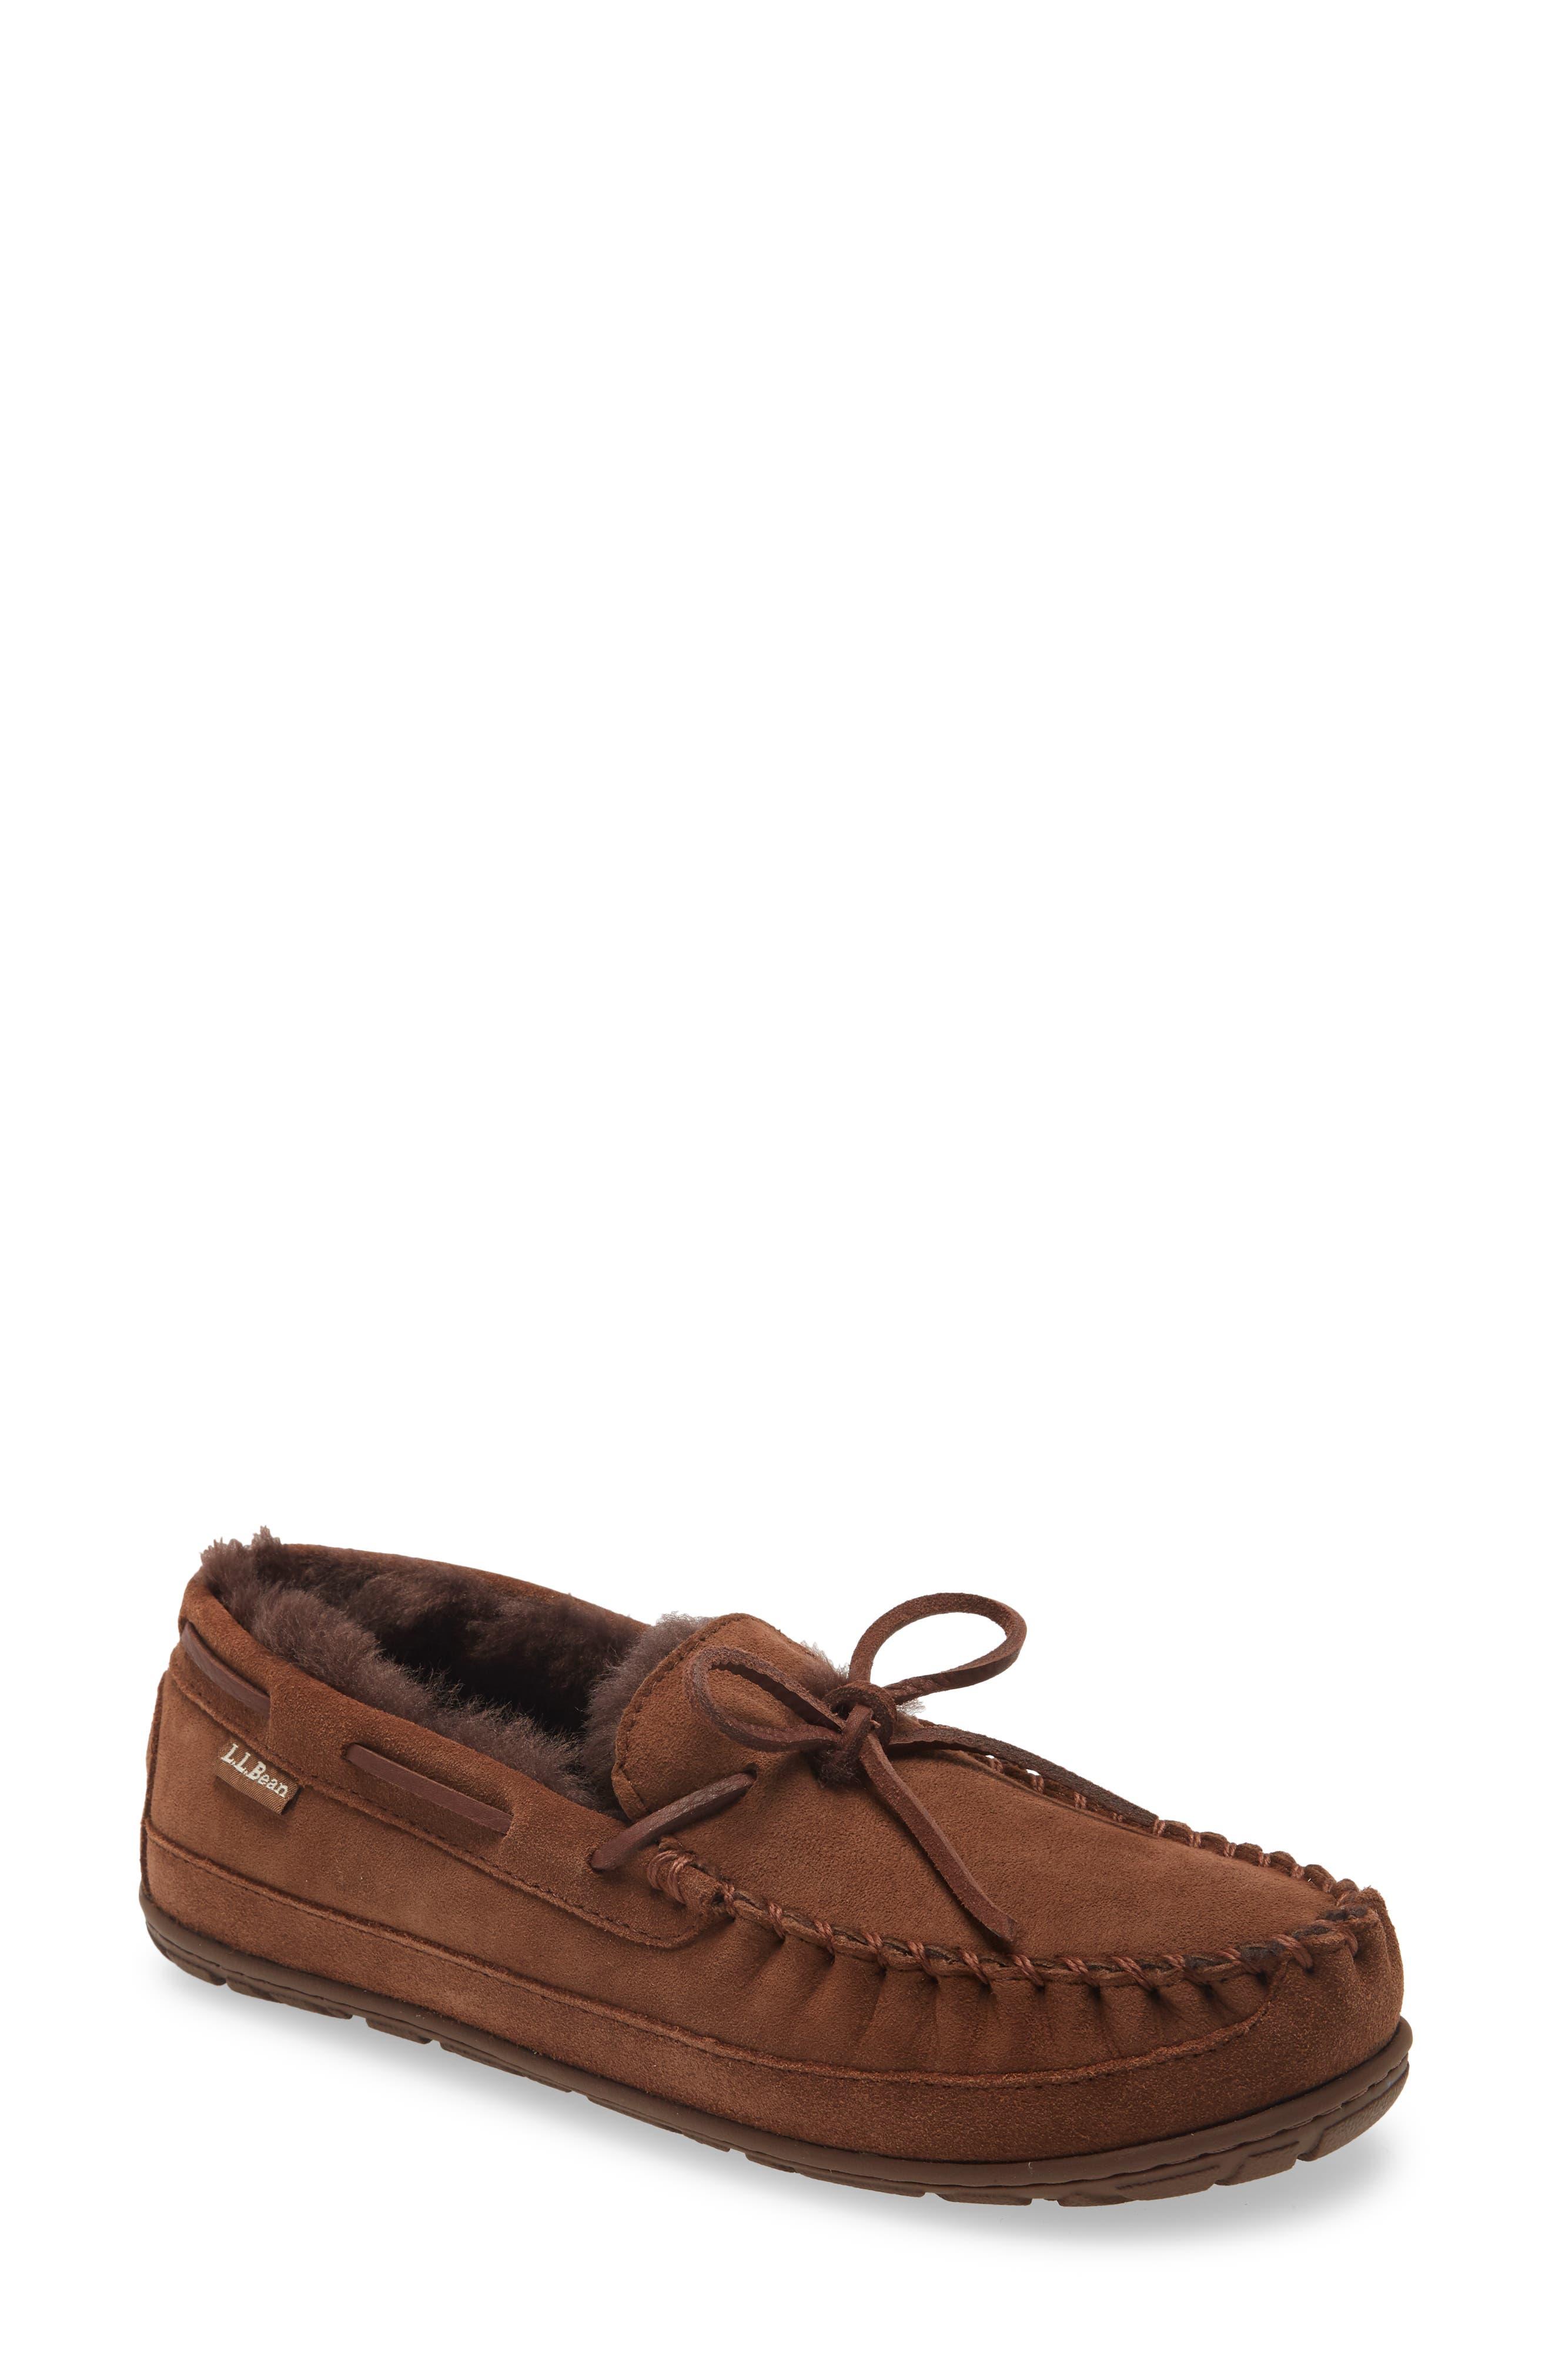 Men's Slippers \u0026 Moccasins   Nordstrom